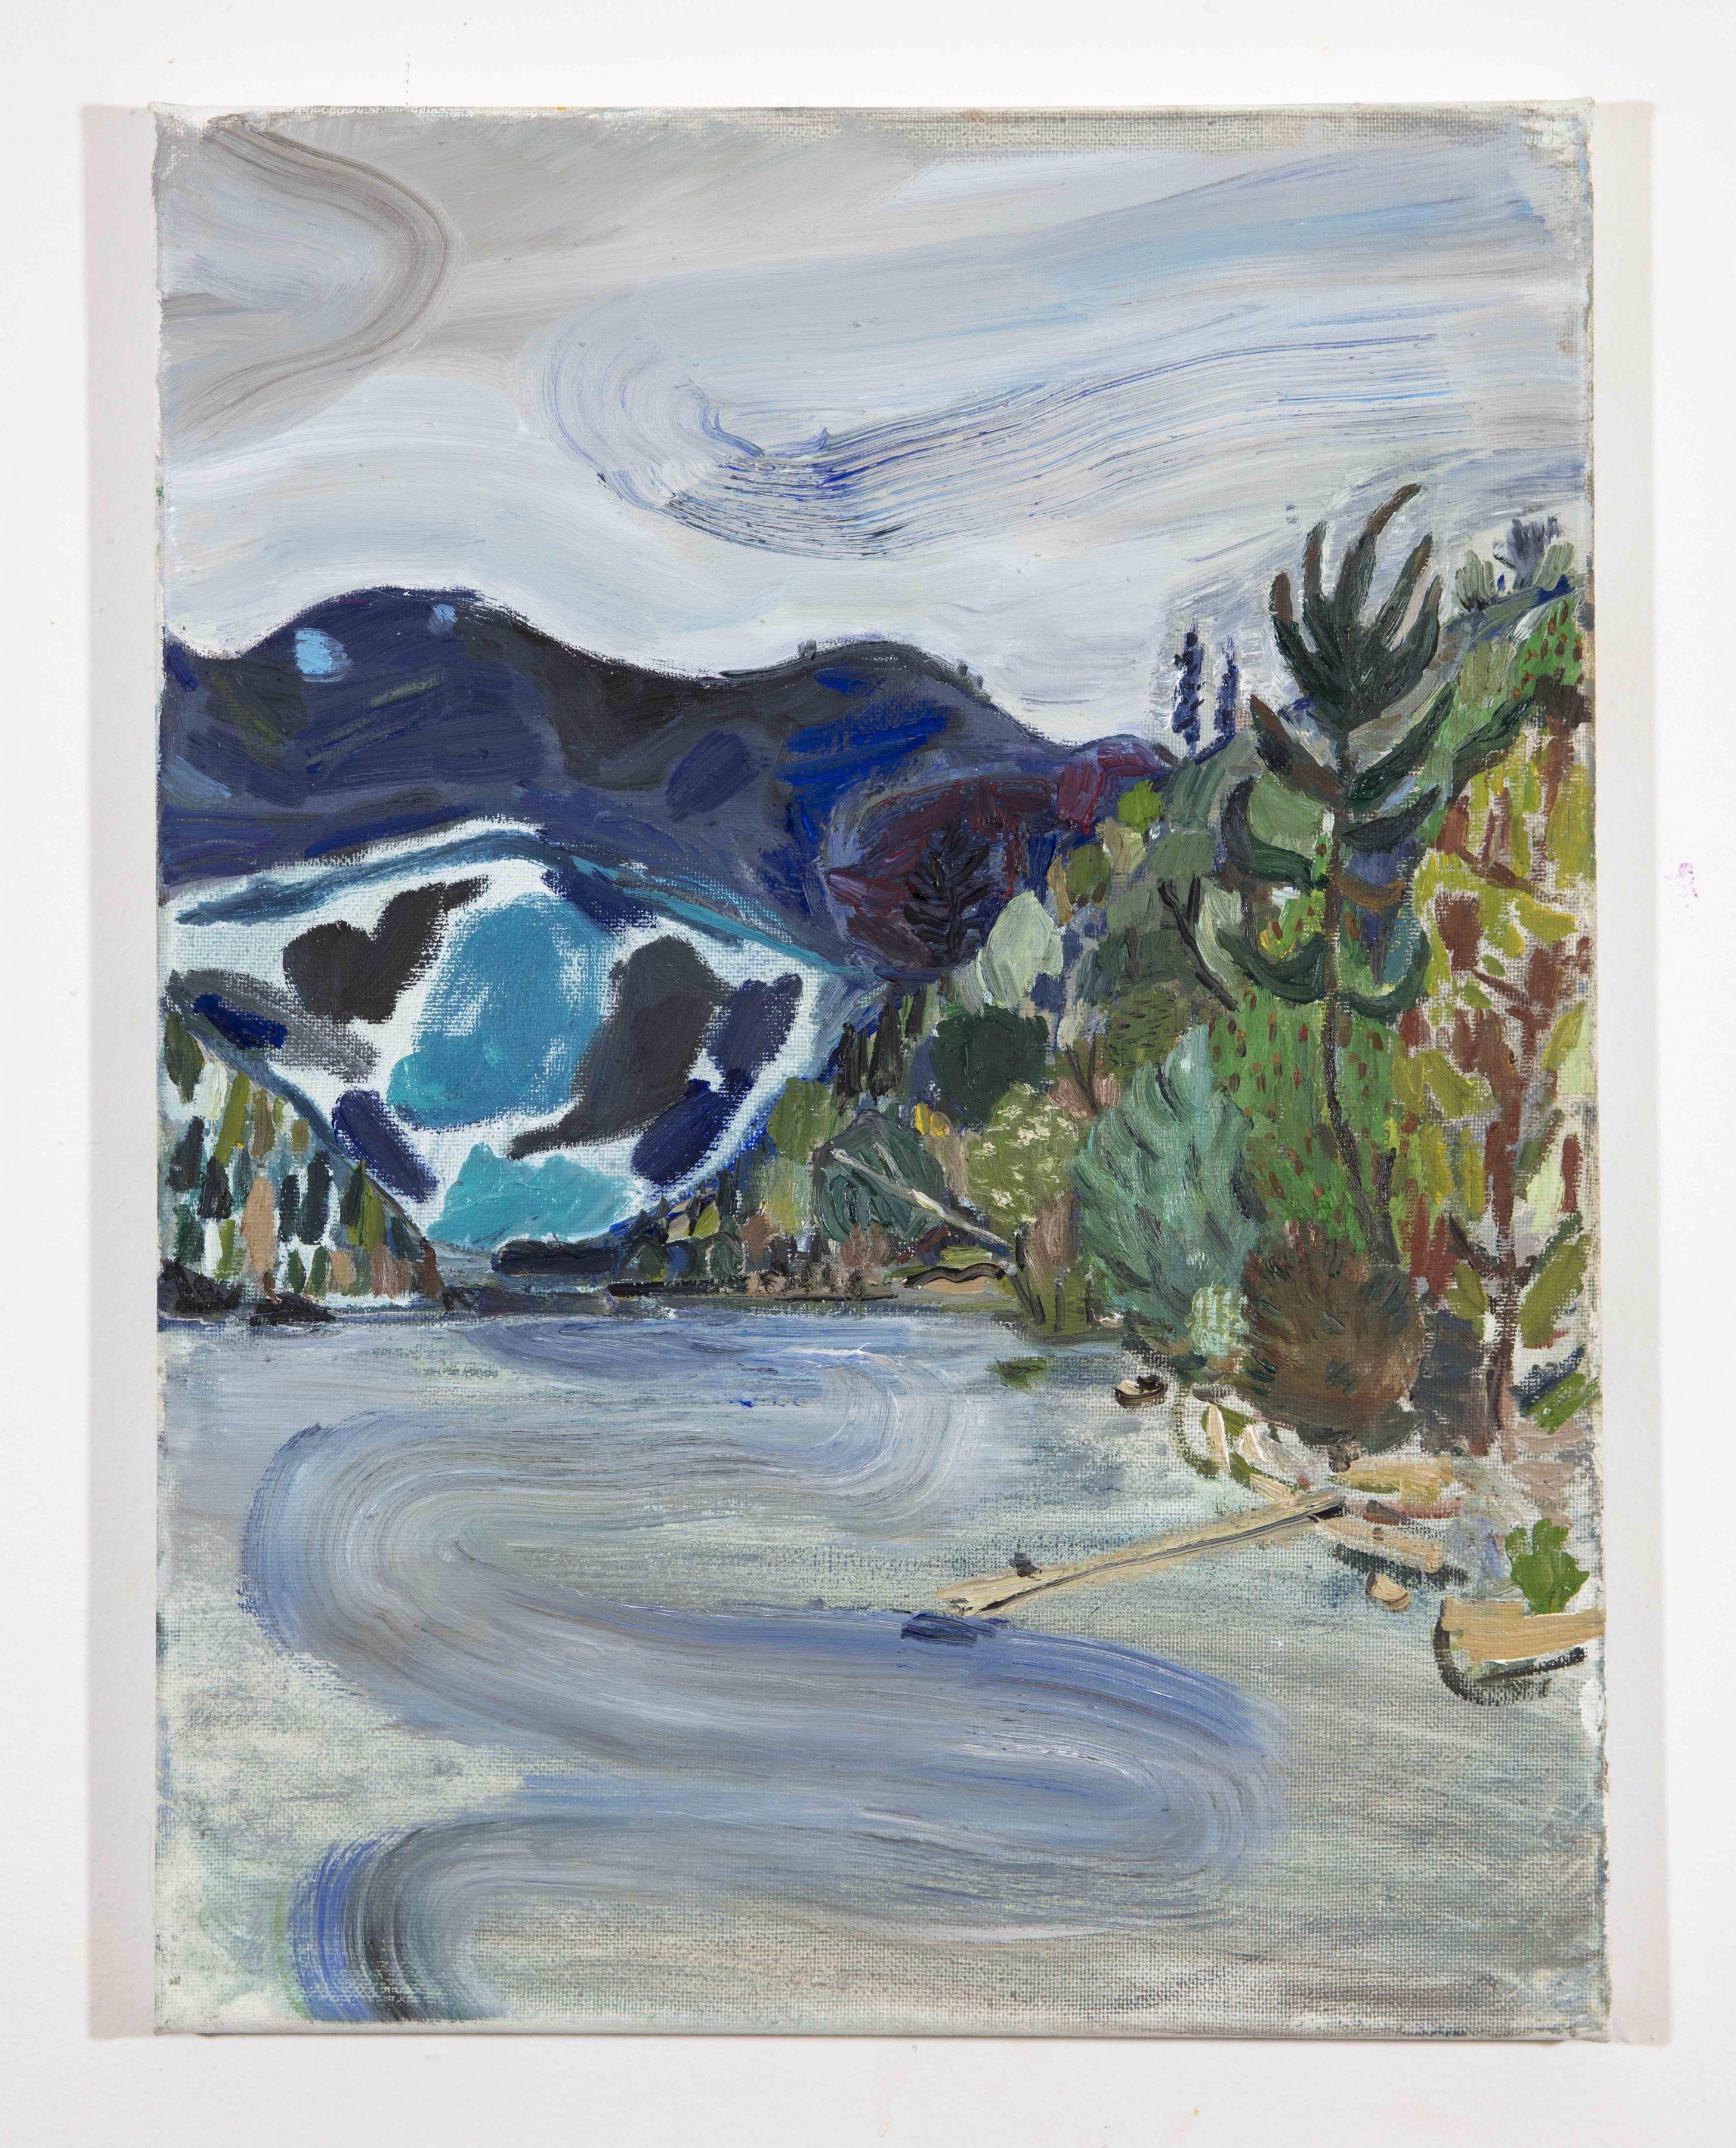 LISA SANDITZ, Landscape Color Study 11, 2019